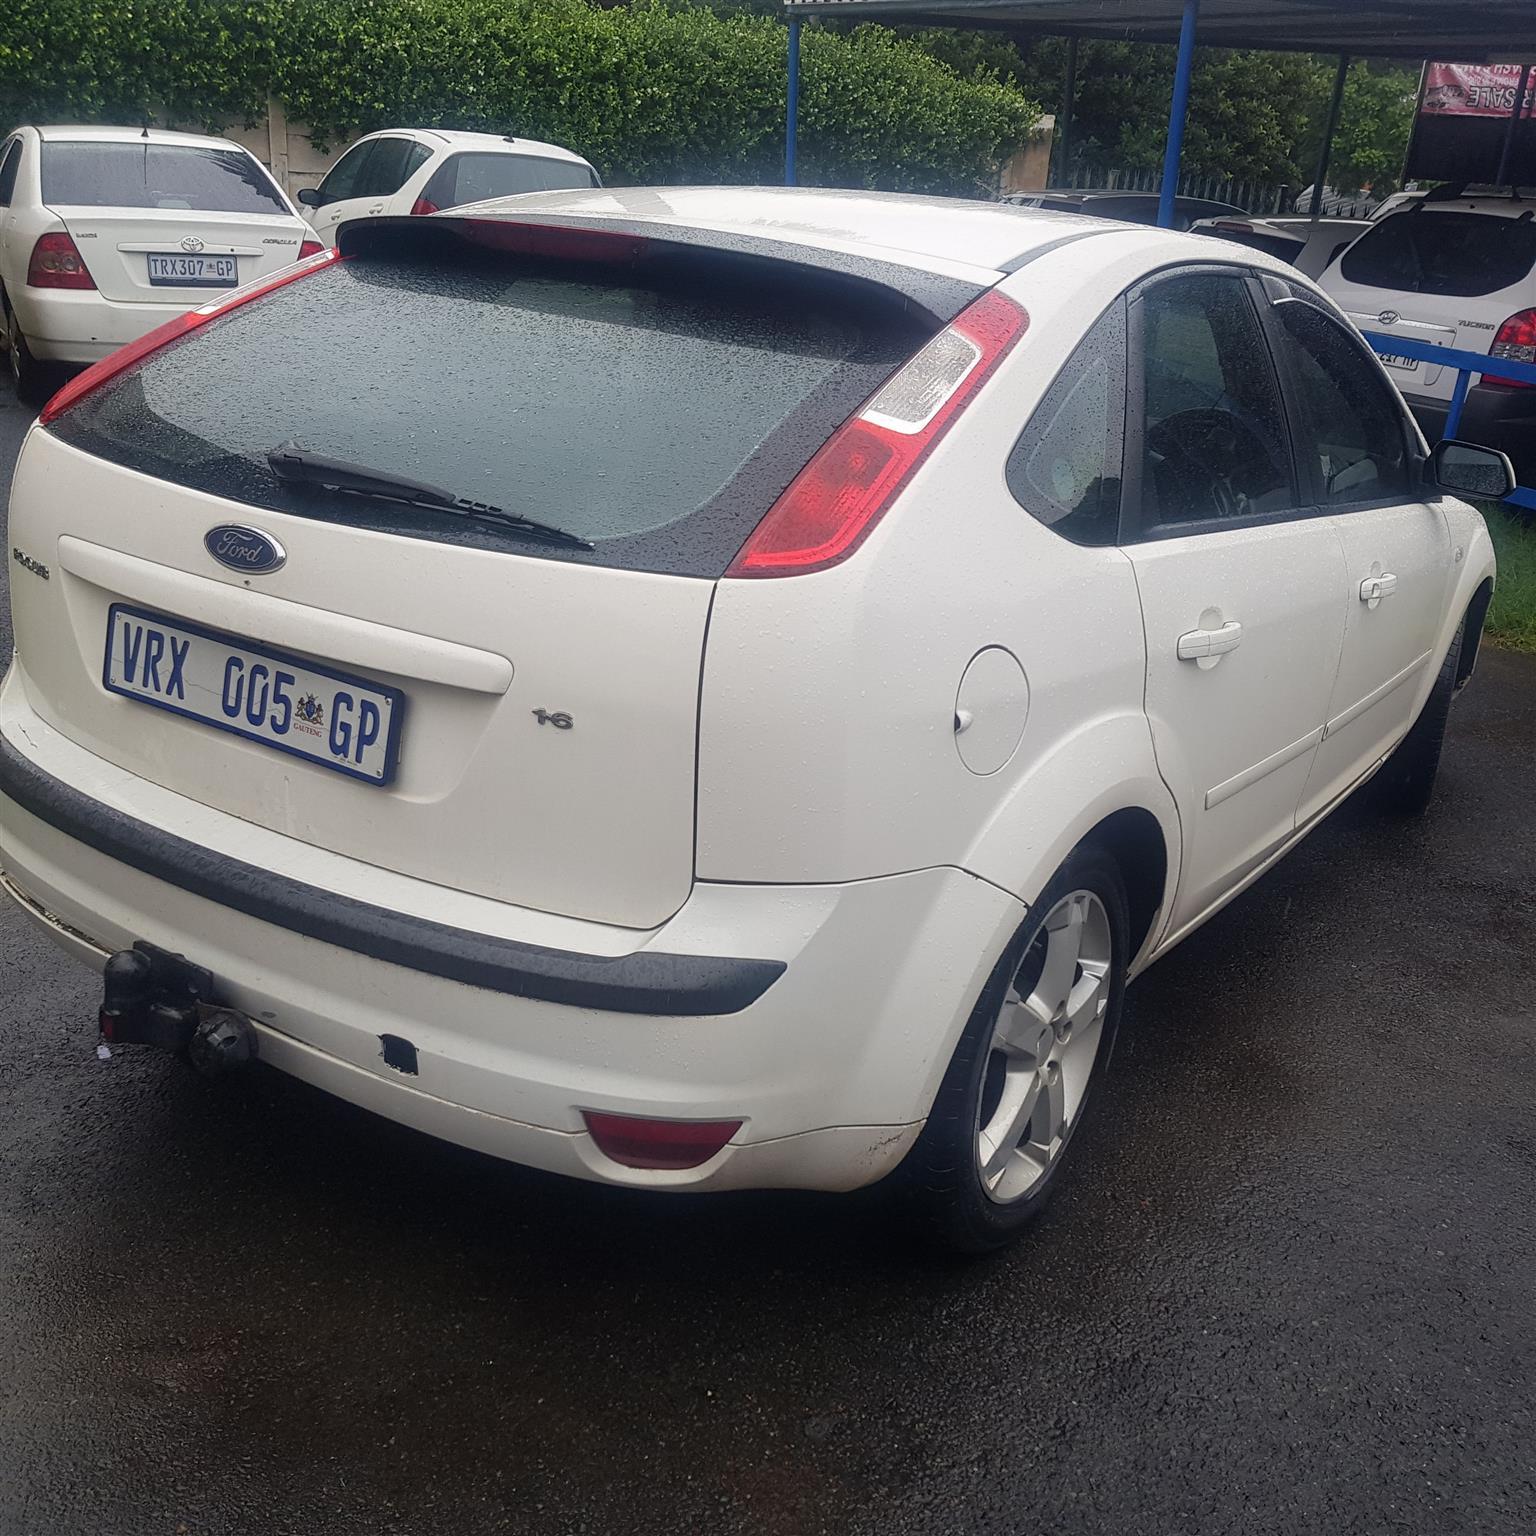 2007 Ford Focus 1.6 5 door Si